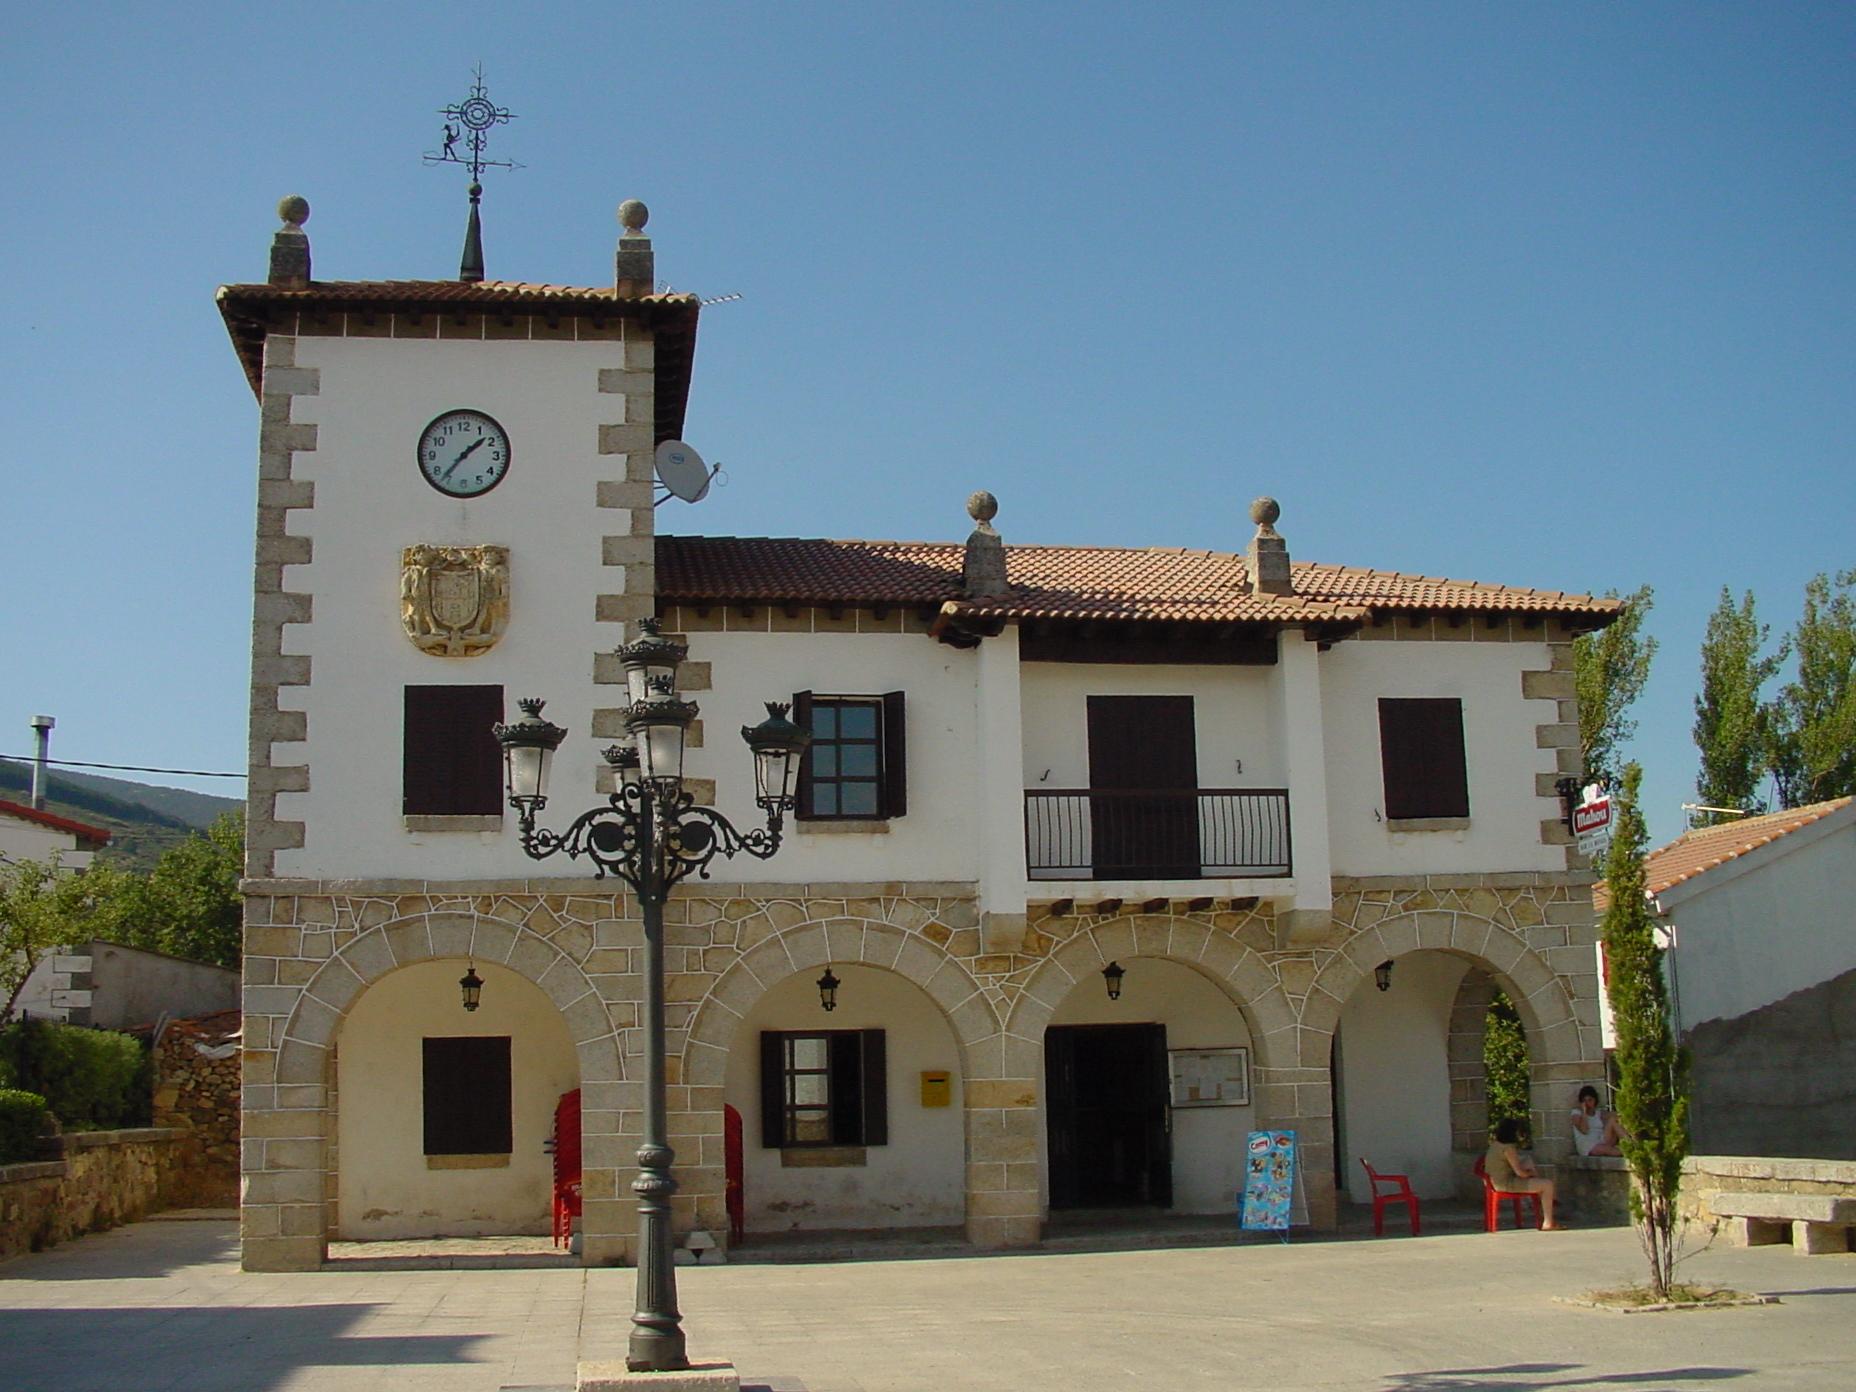 Ayuntamiento de Navarredonda